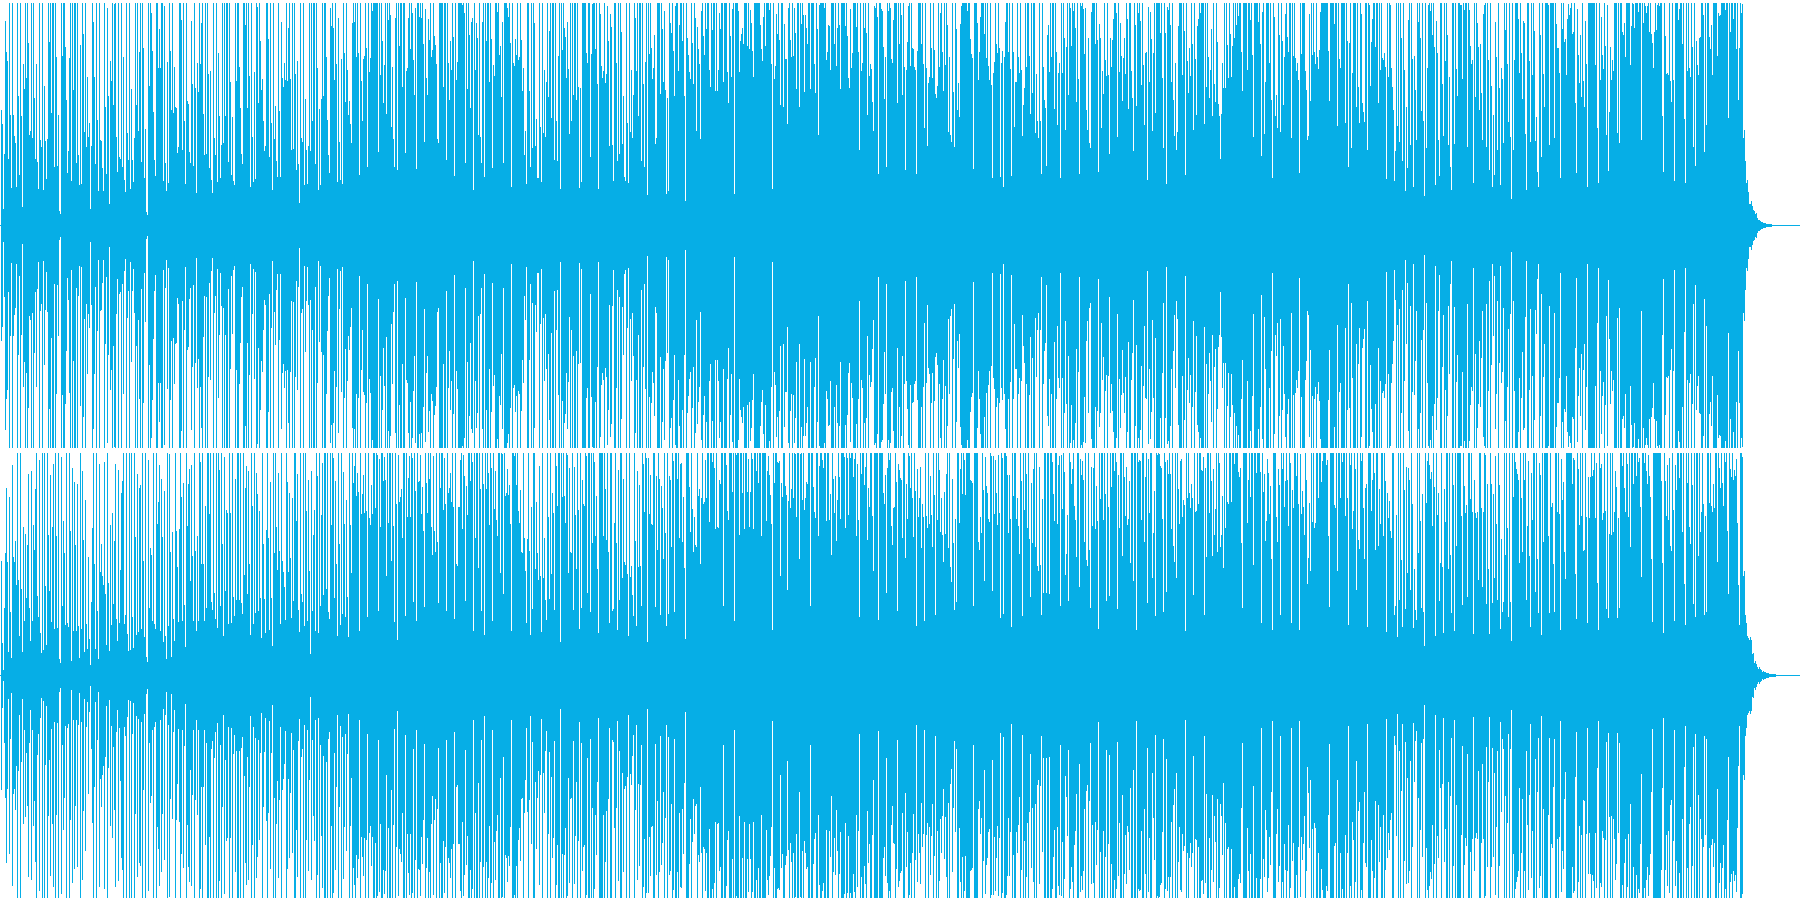 ミニマル・急いだ雰囲気・かわいいの再生済みの波形